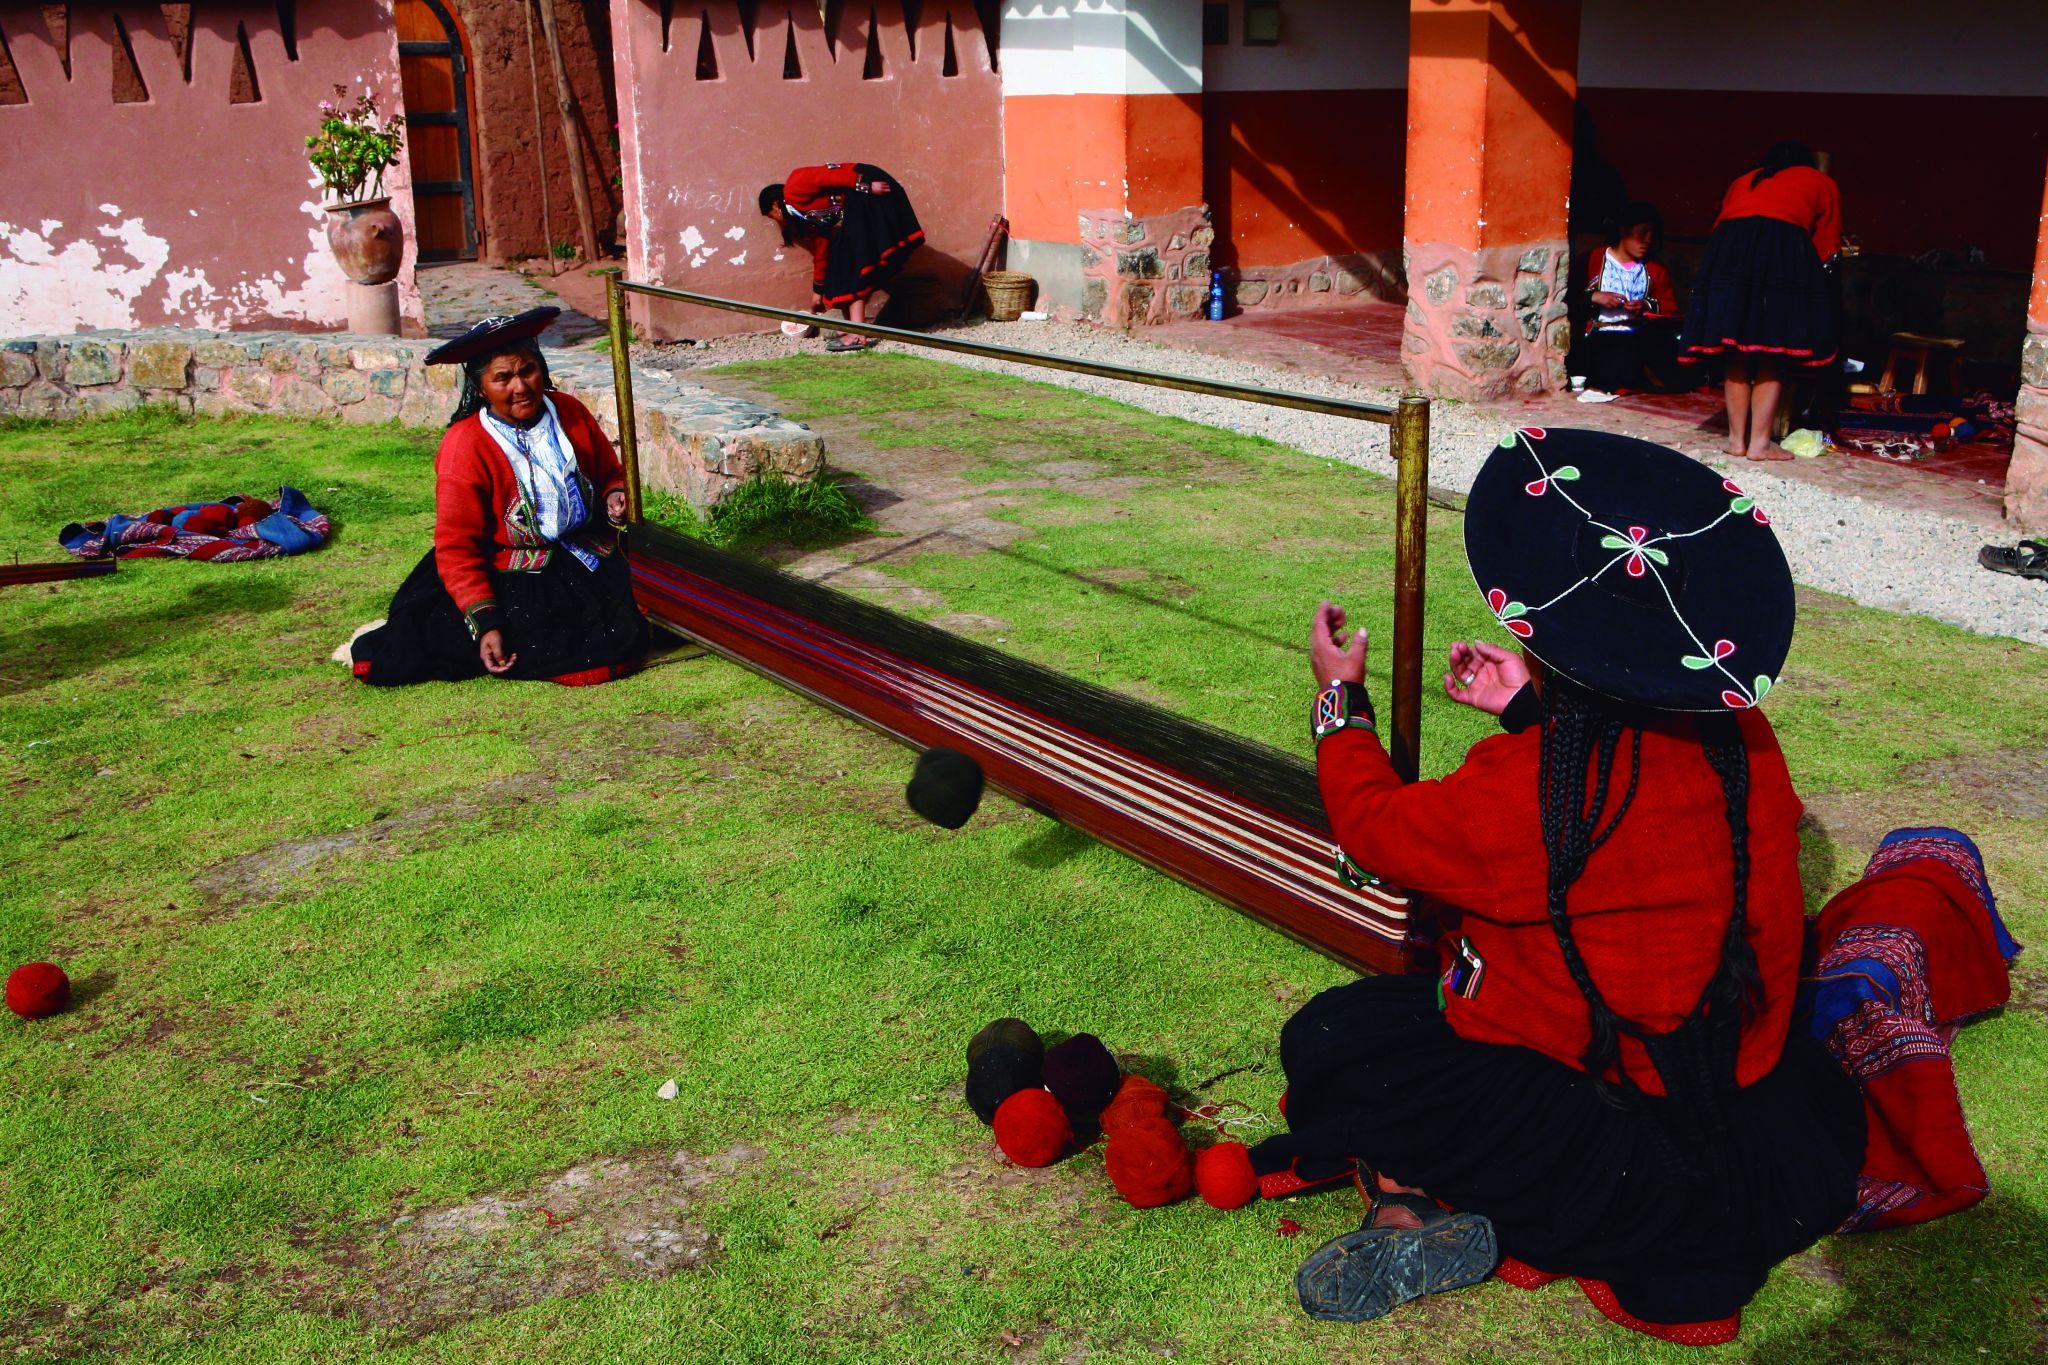 Sandra Rossi de Araujo Costilhes, Centro Têxtil de Chichero, Peru